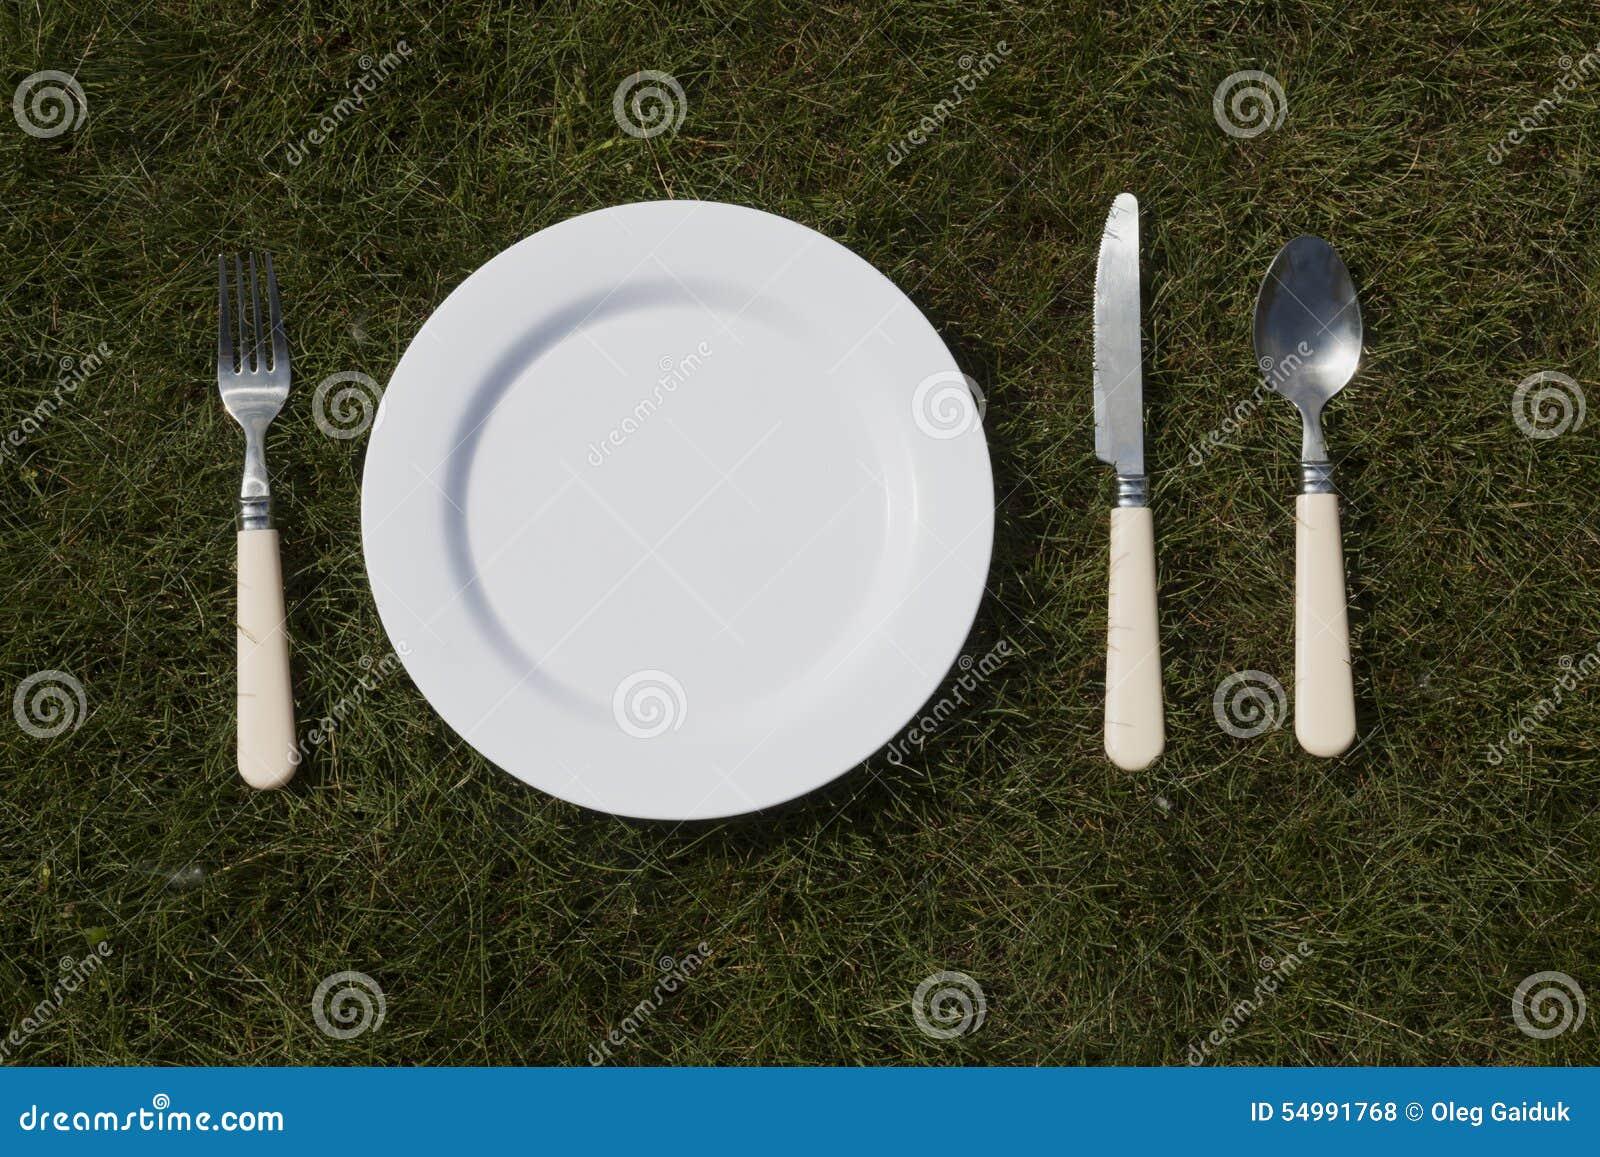 Weiße Platte auf Gras